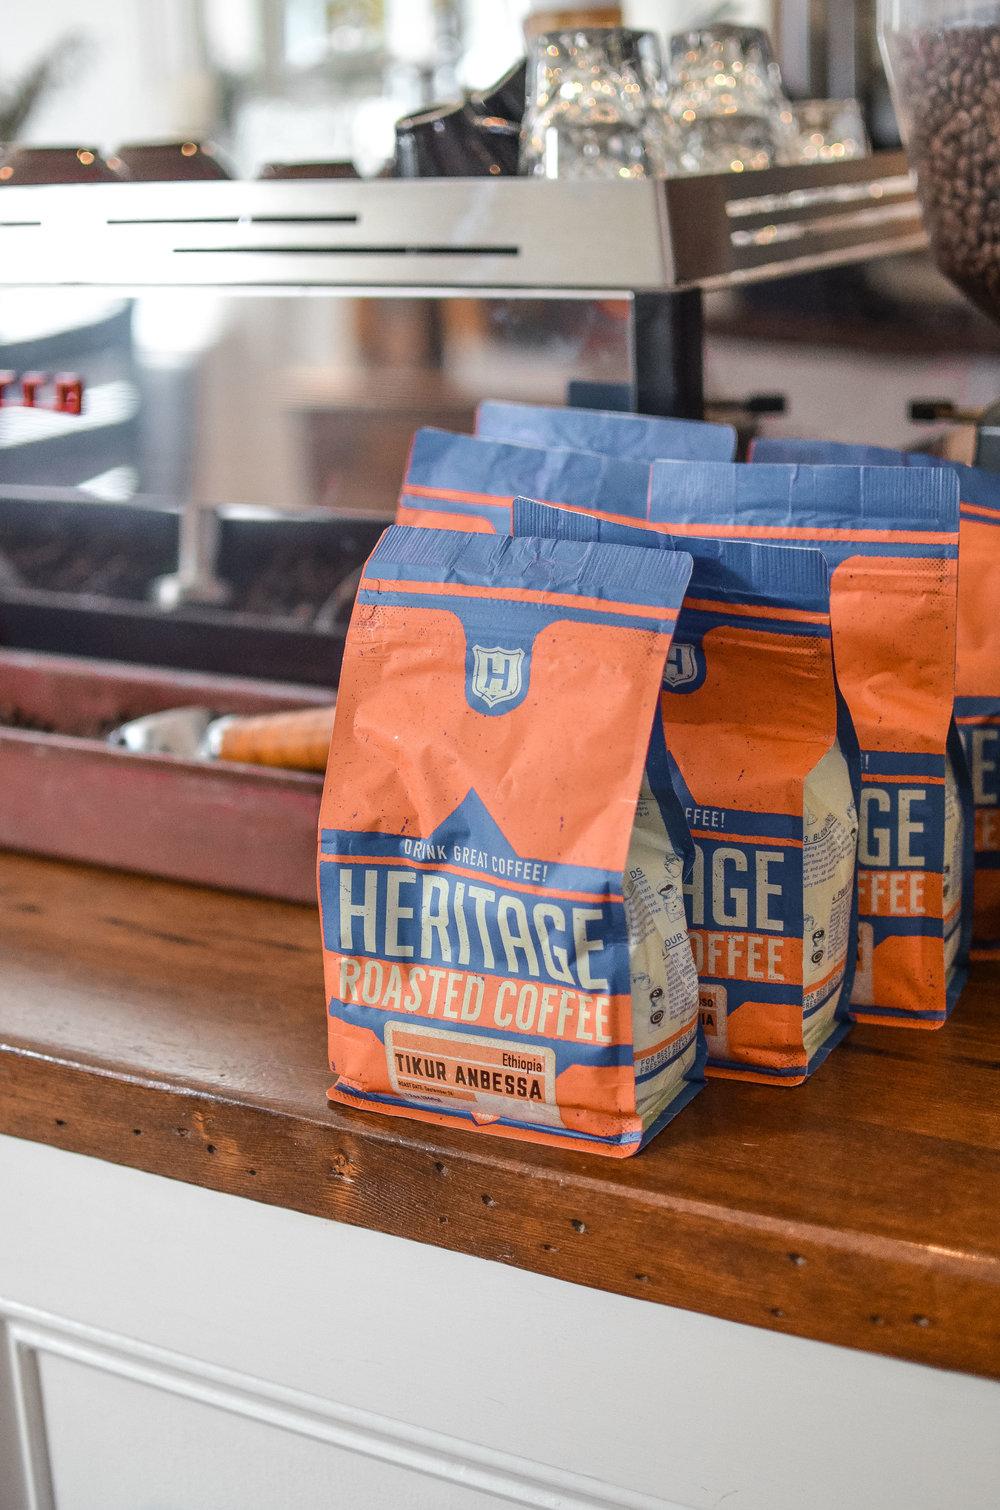 Wendling_Boyd_Heritage_Bicycle_Coffee_Chicago-7.jpg